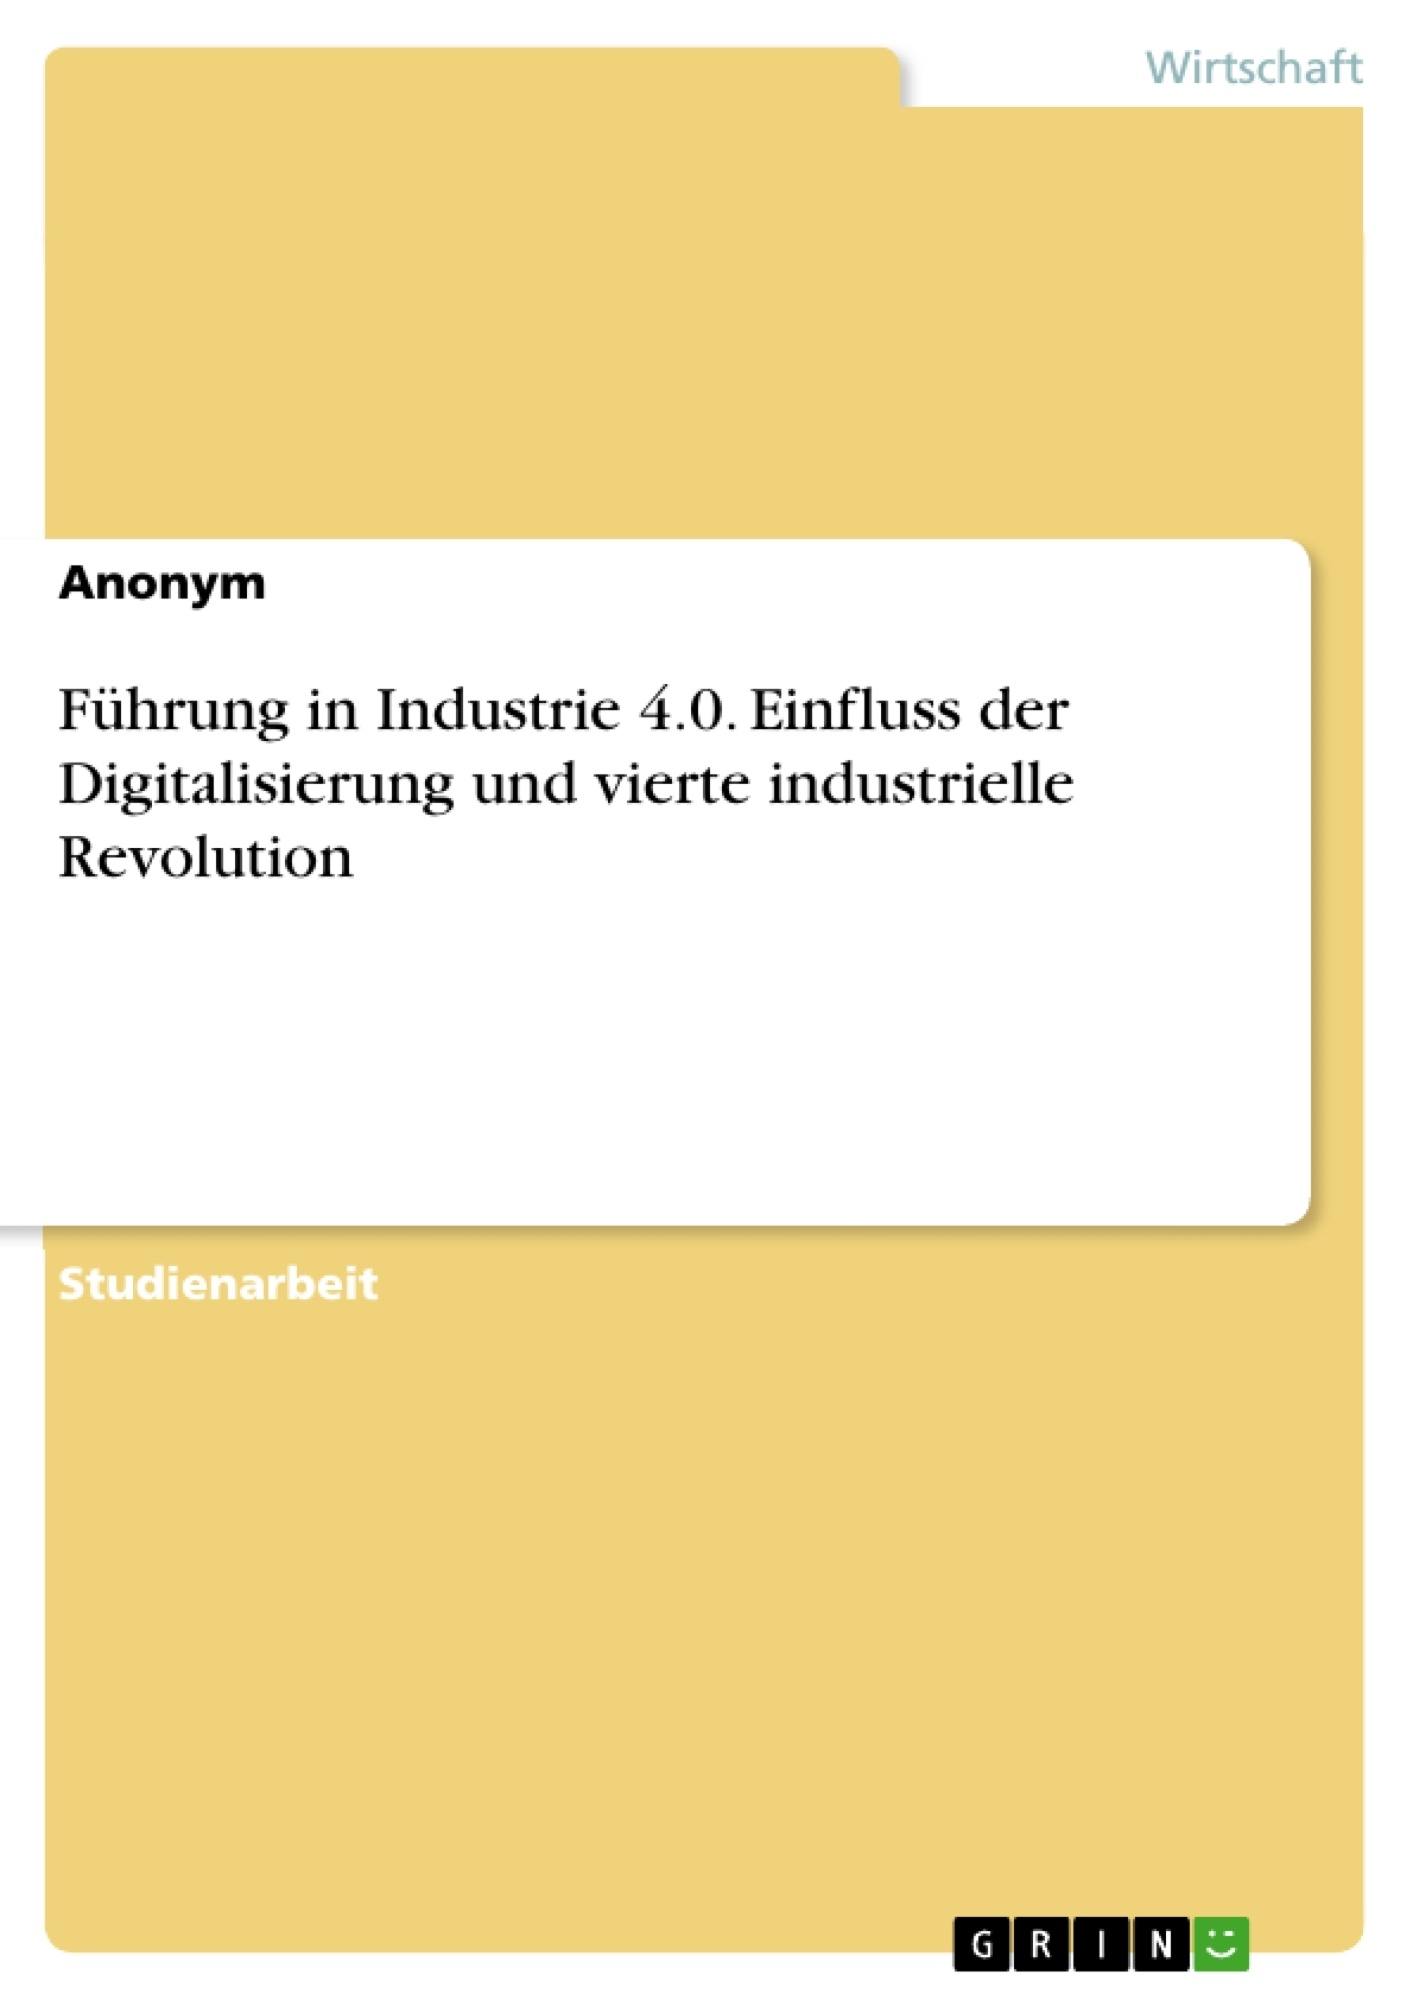 Titel: Führung in Industrie 4.0. Einfluss der Digitalisierung und vierte industrielle Revolution